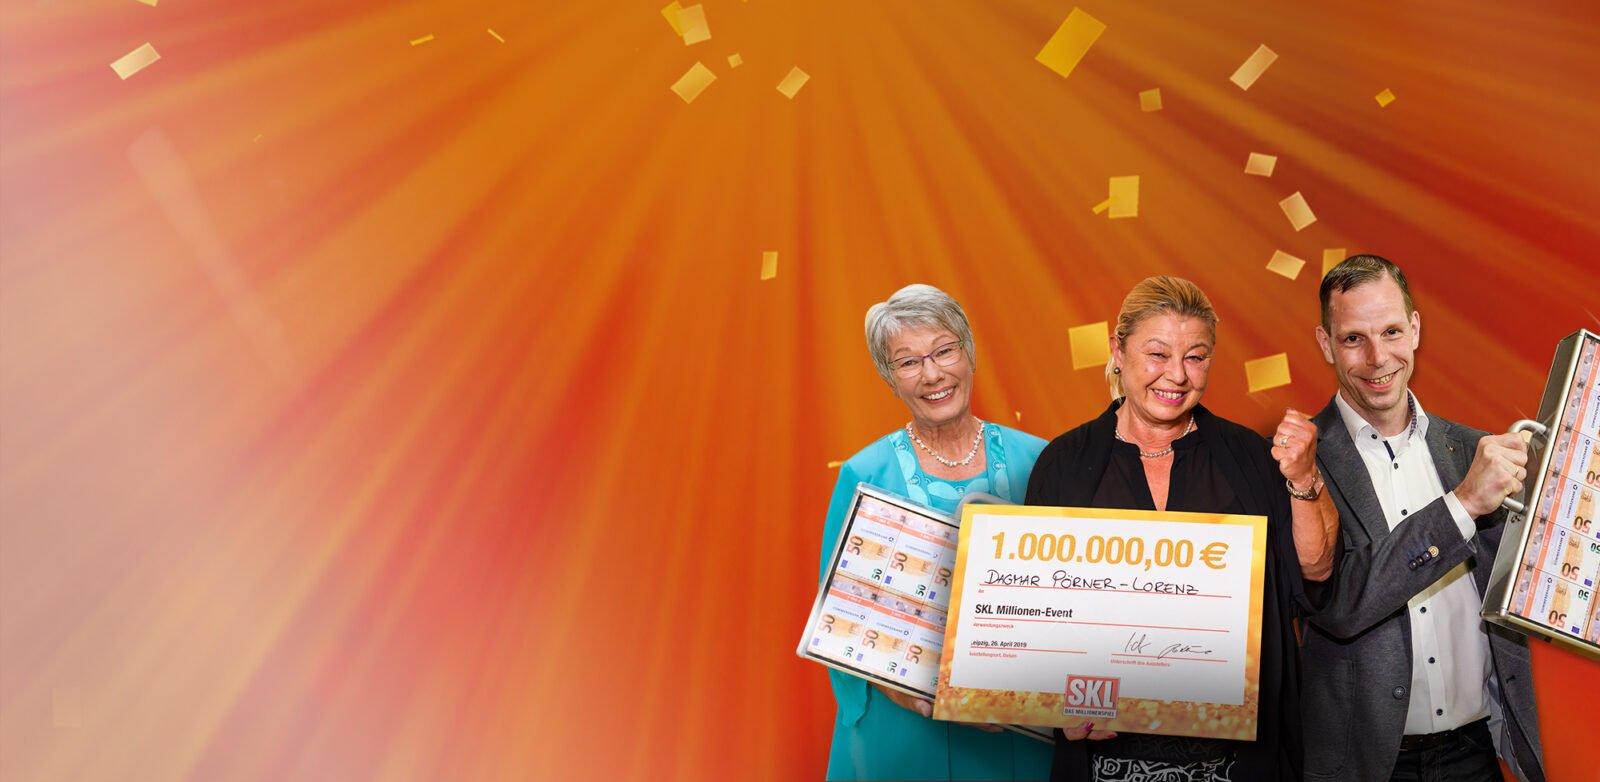 Skl Lotterie Glöckle